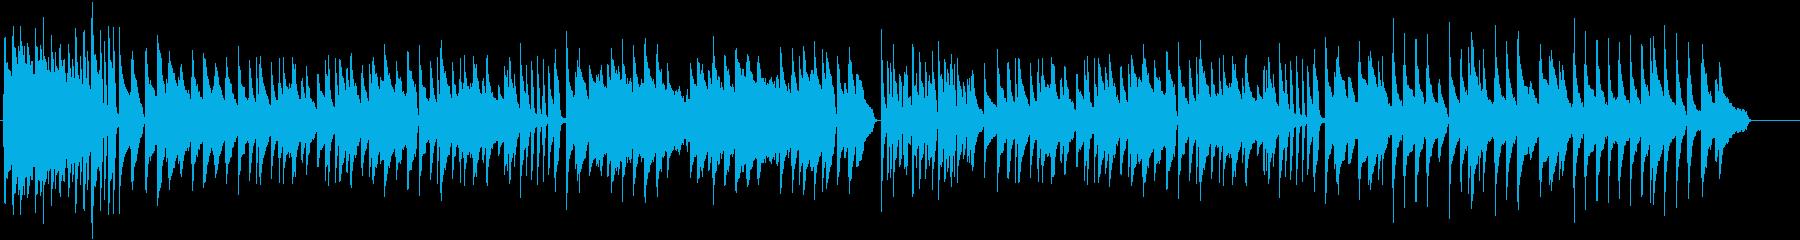 ラジオ体操風 ピアノ曲 ハイクオリティーの再生済みの波形